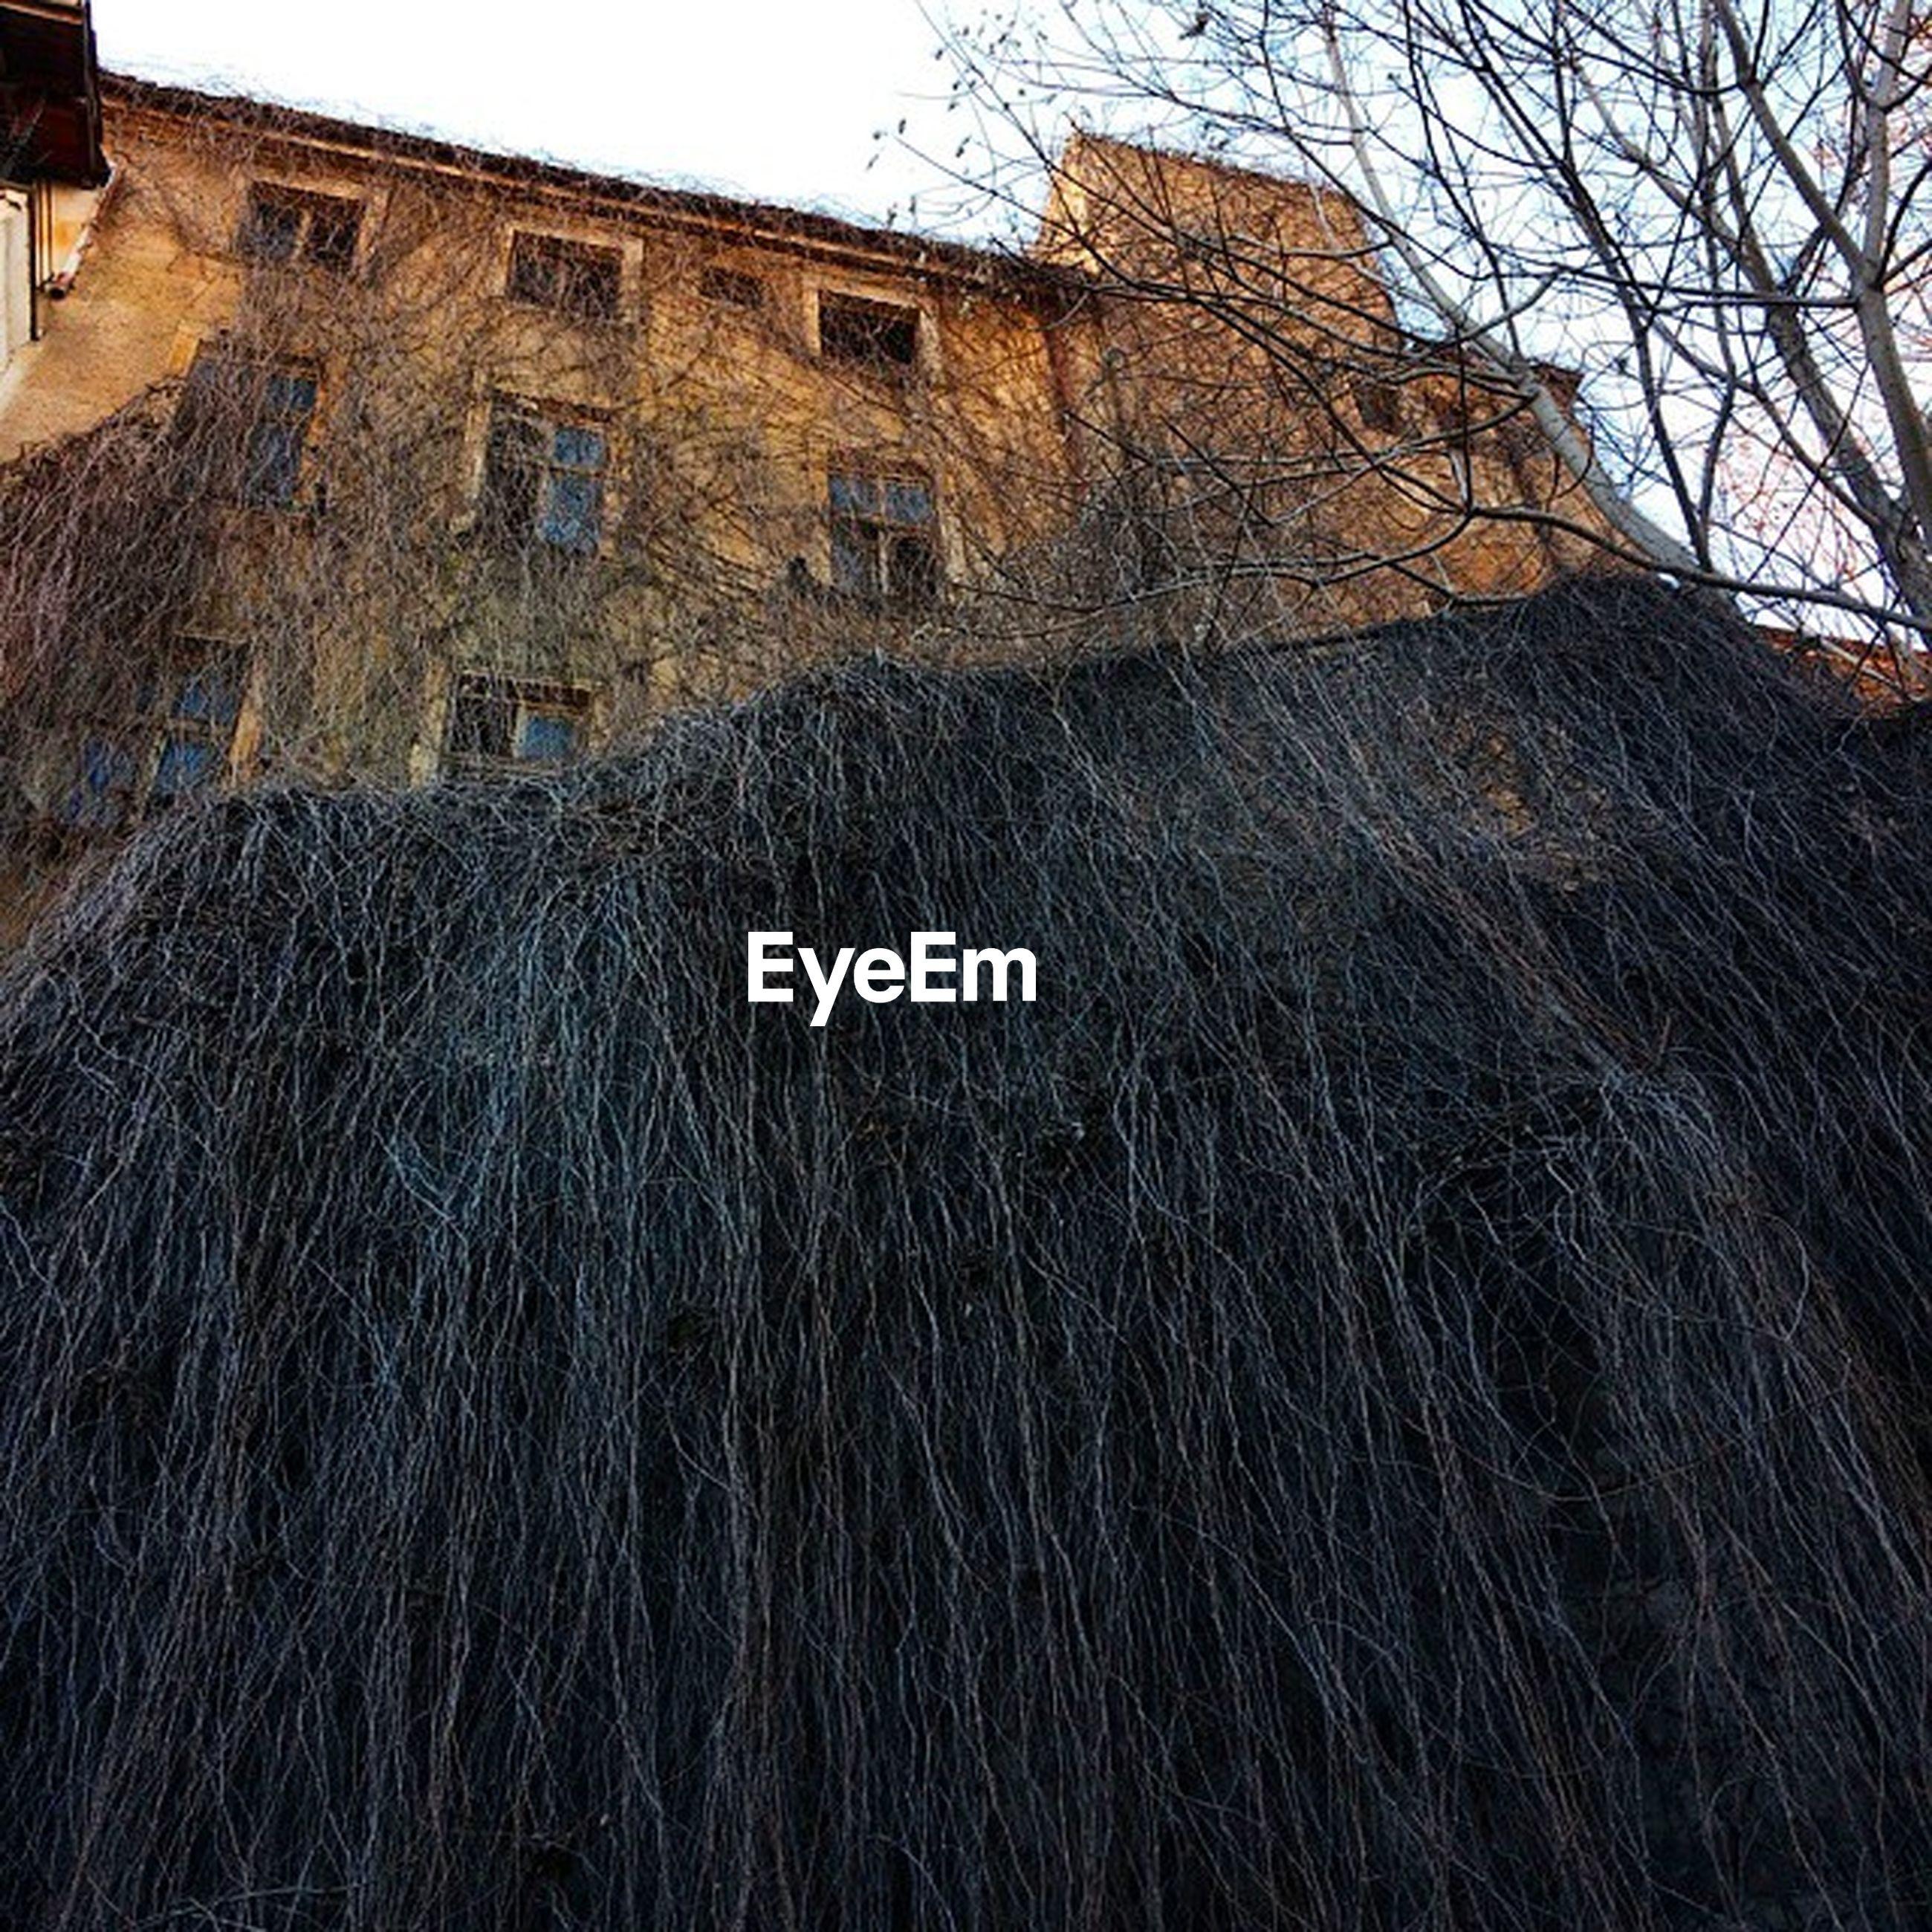 Bulgaria Plovediv Plovdiv Travel ghost house